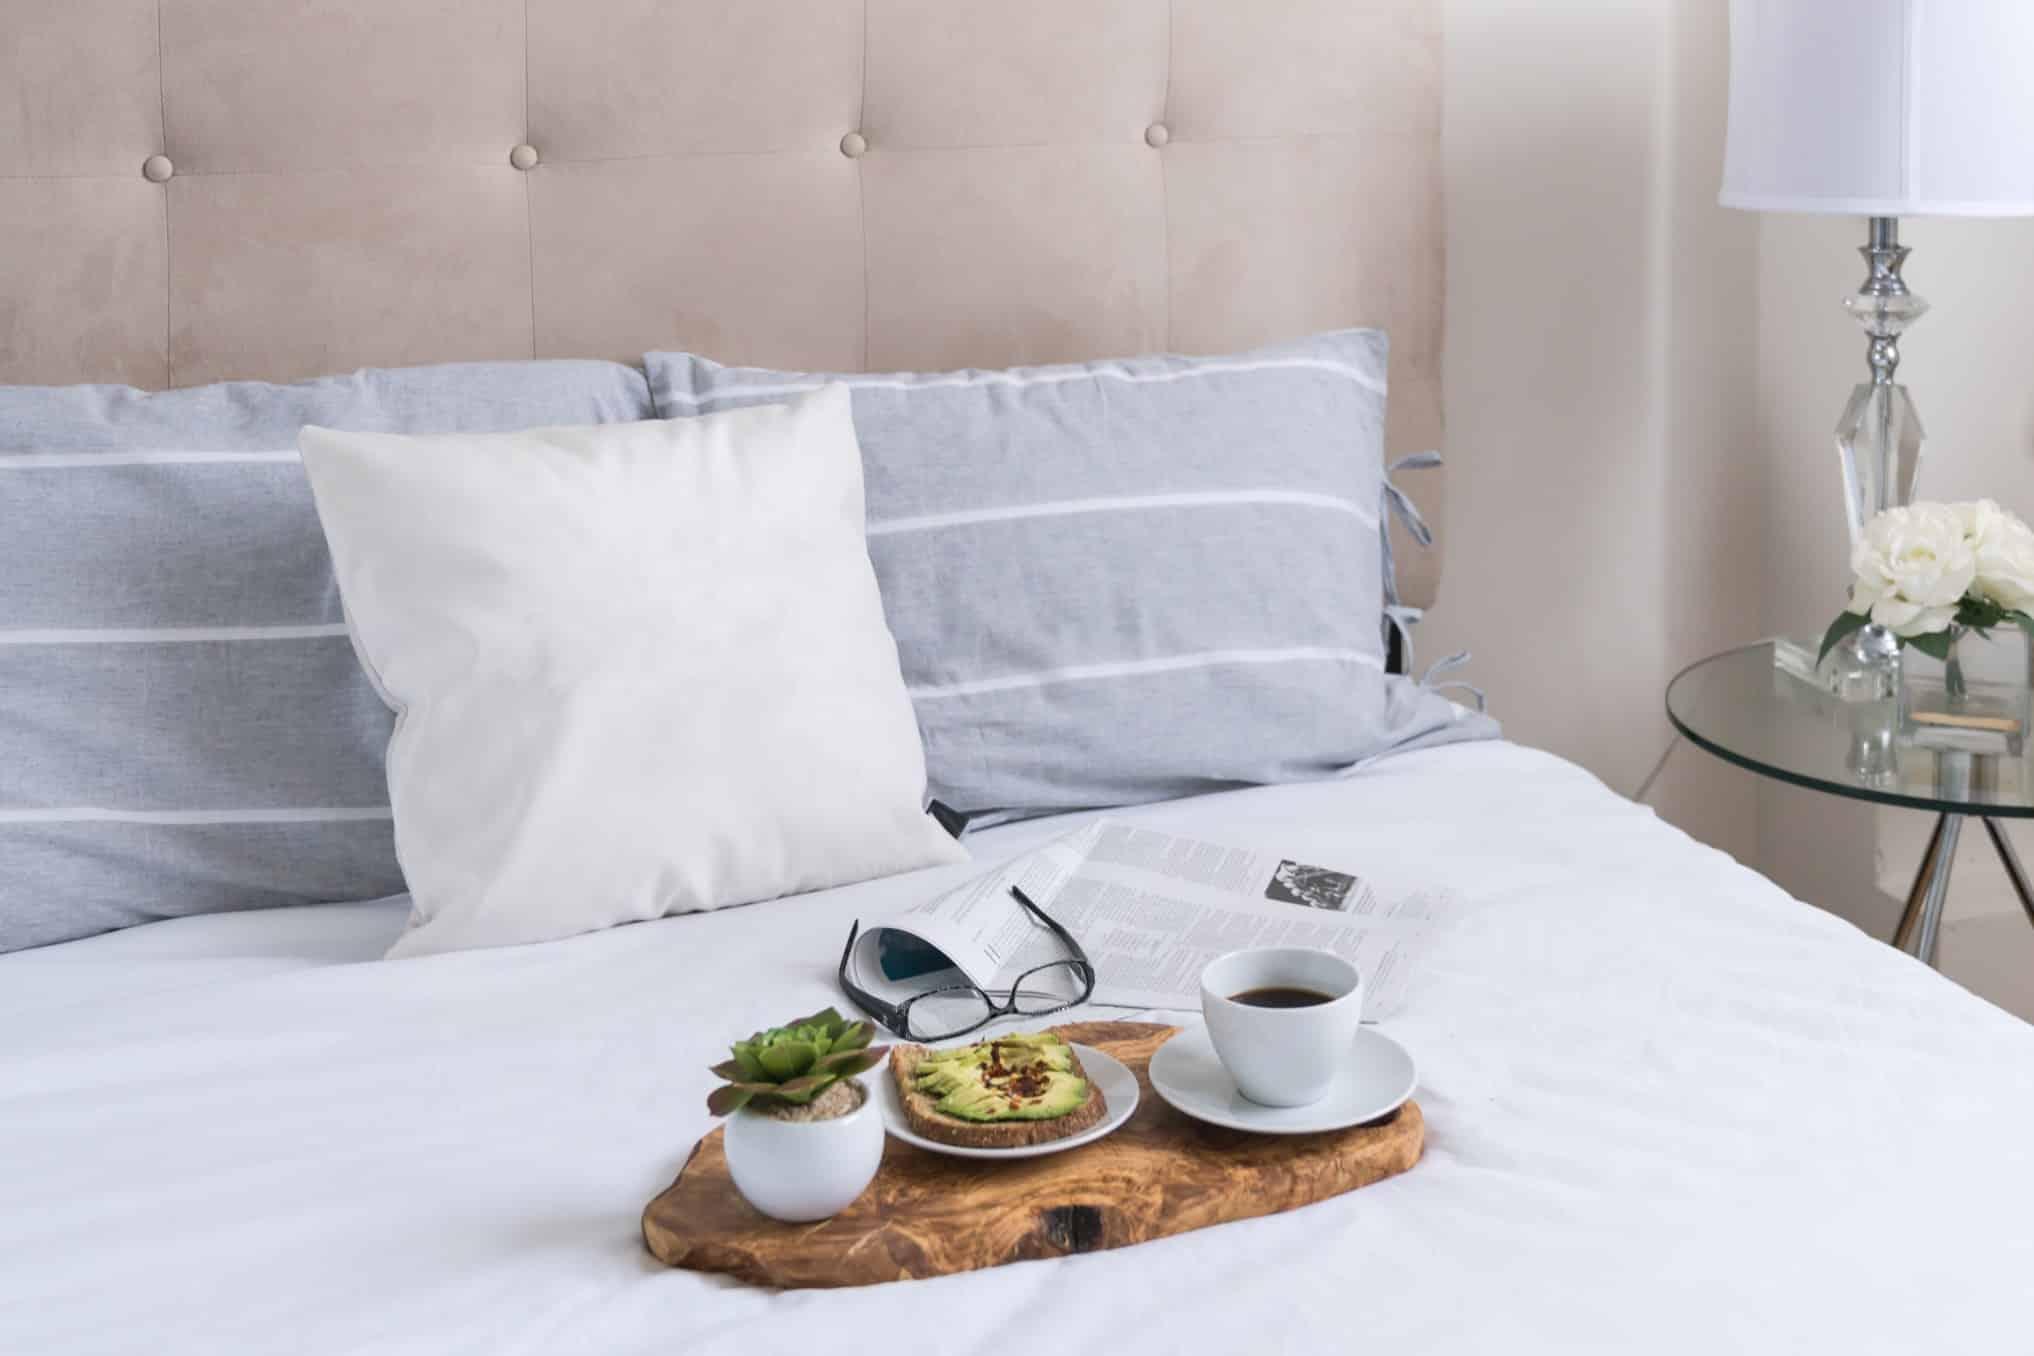 bed and breakfast_colazione